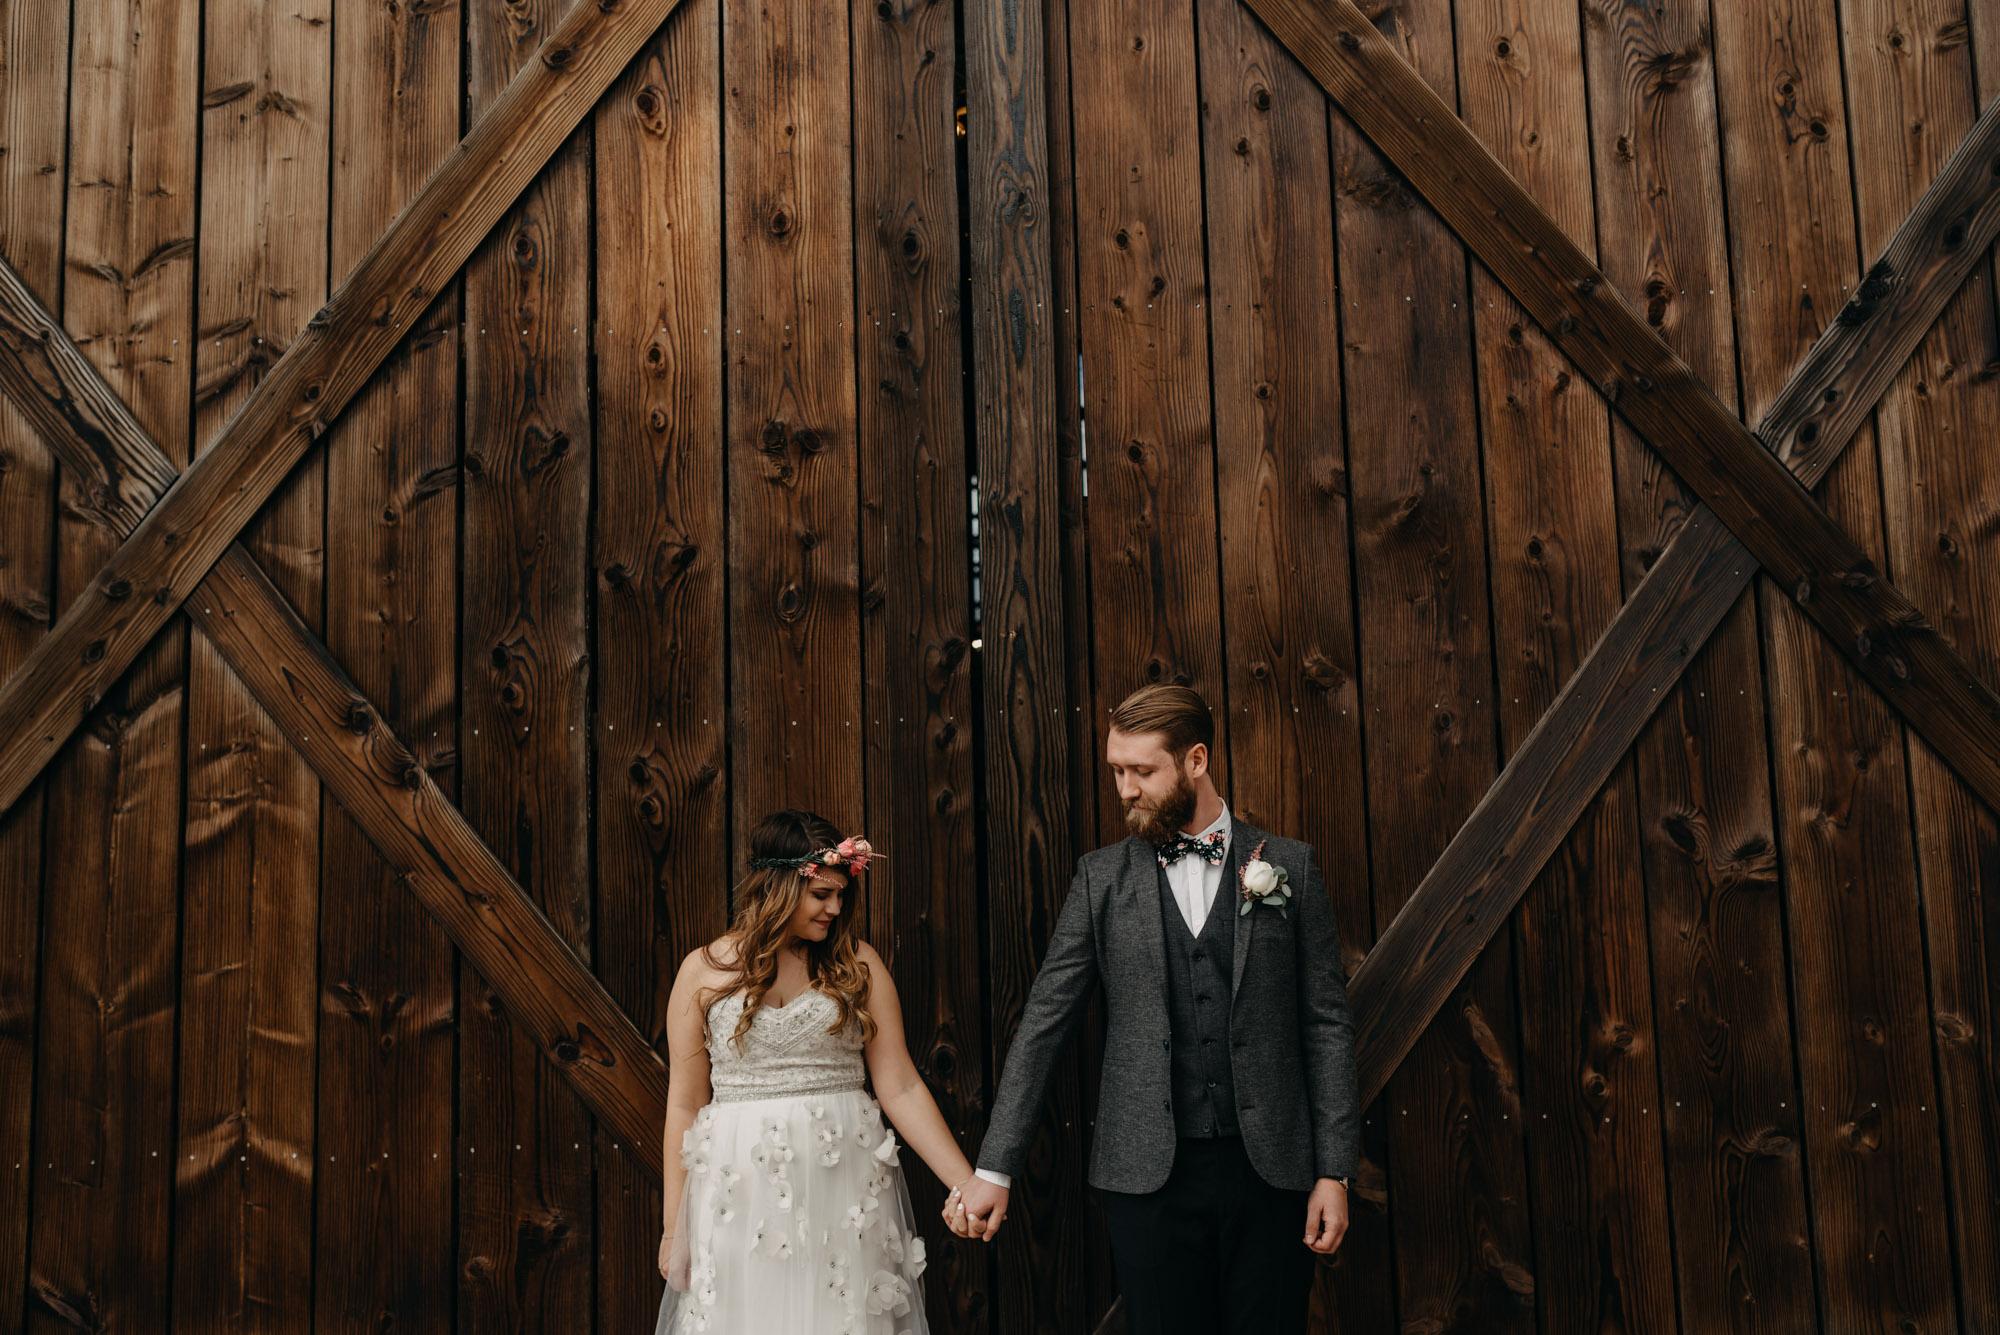 Outdoor-First-Look-Washington-Wedding-Barn-Door-8144.jpg